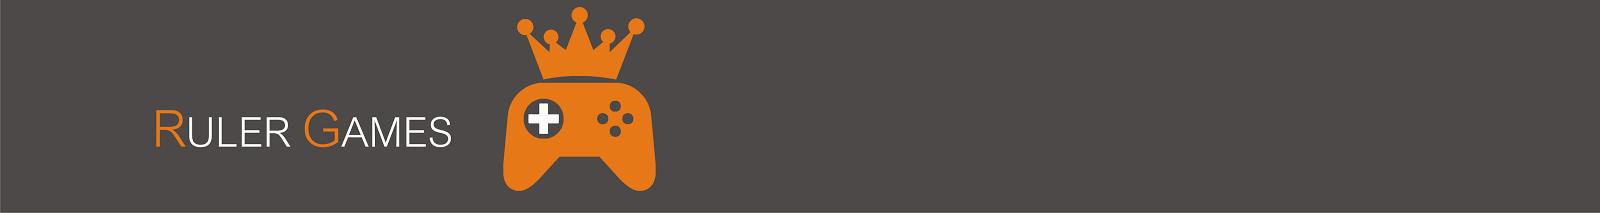 Ruler Games - O Site para Quem é Louco por Games!